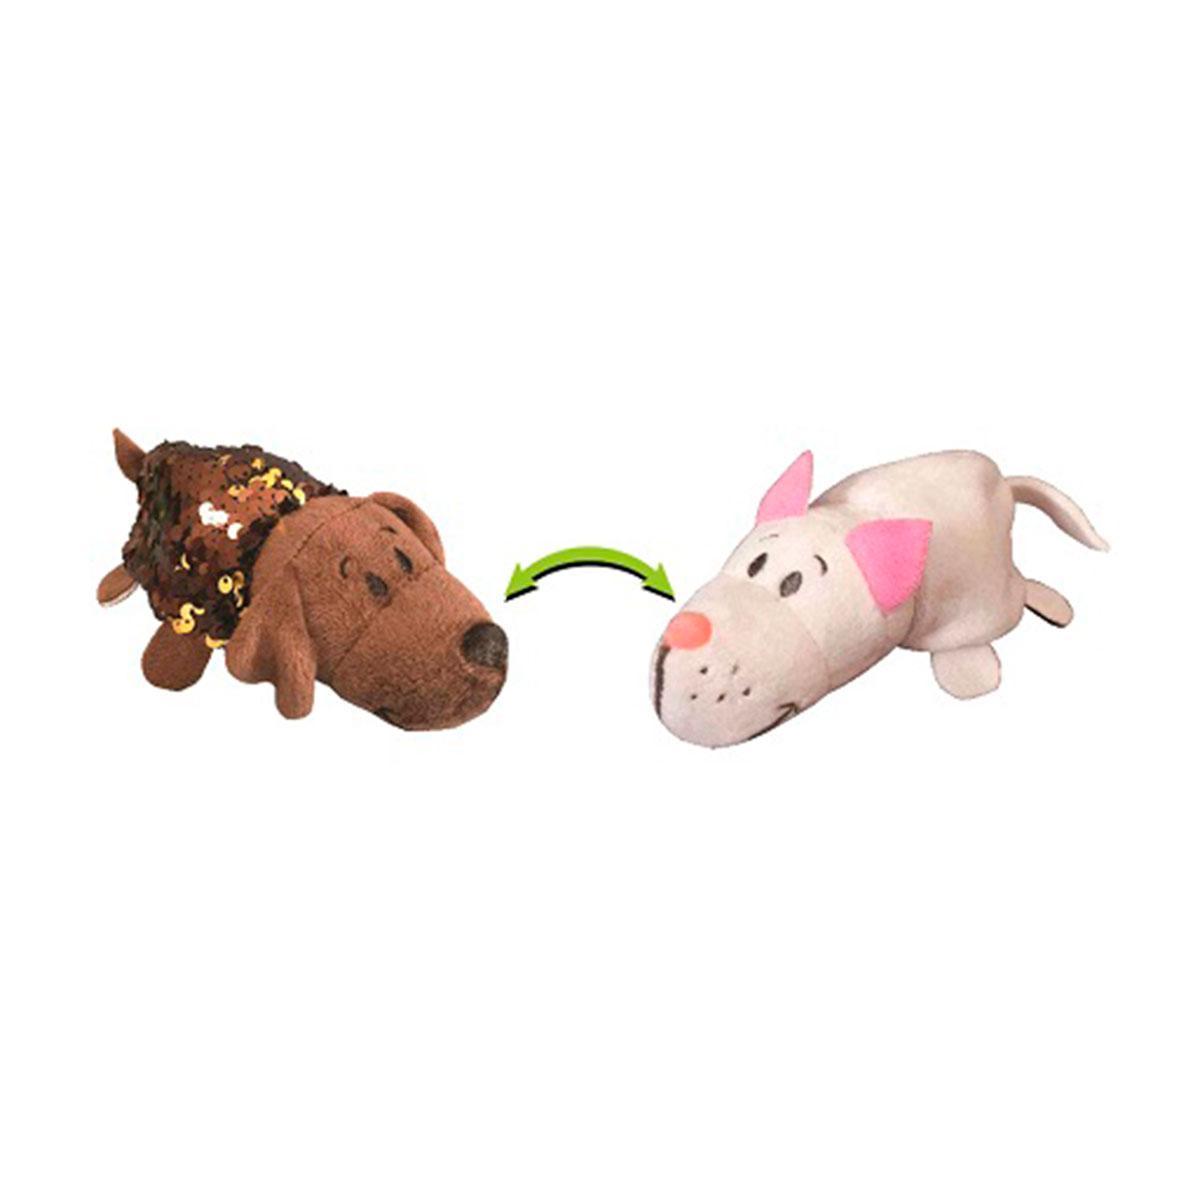 М'яка Іграшка з паєтками 2 В 1 - ZooPrяtki - Лабрадор-Кот (12 Cm)